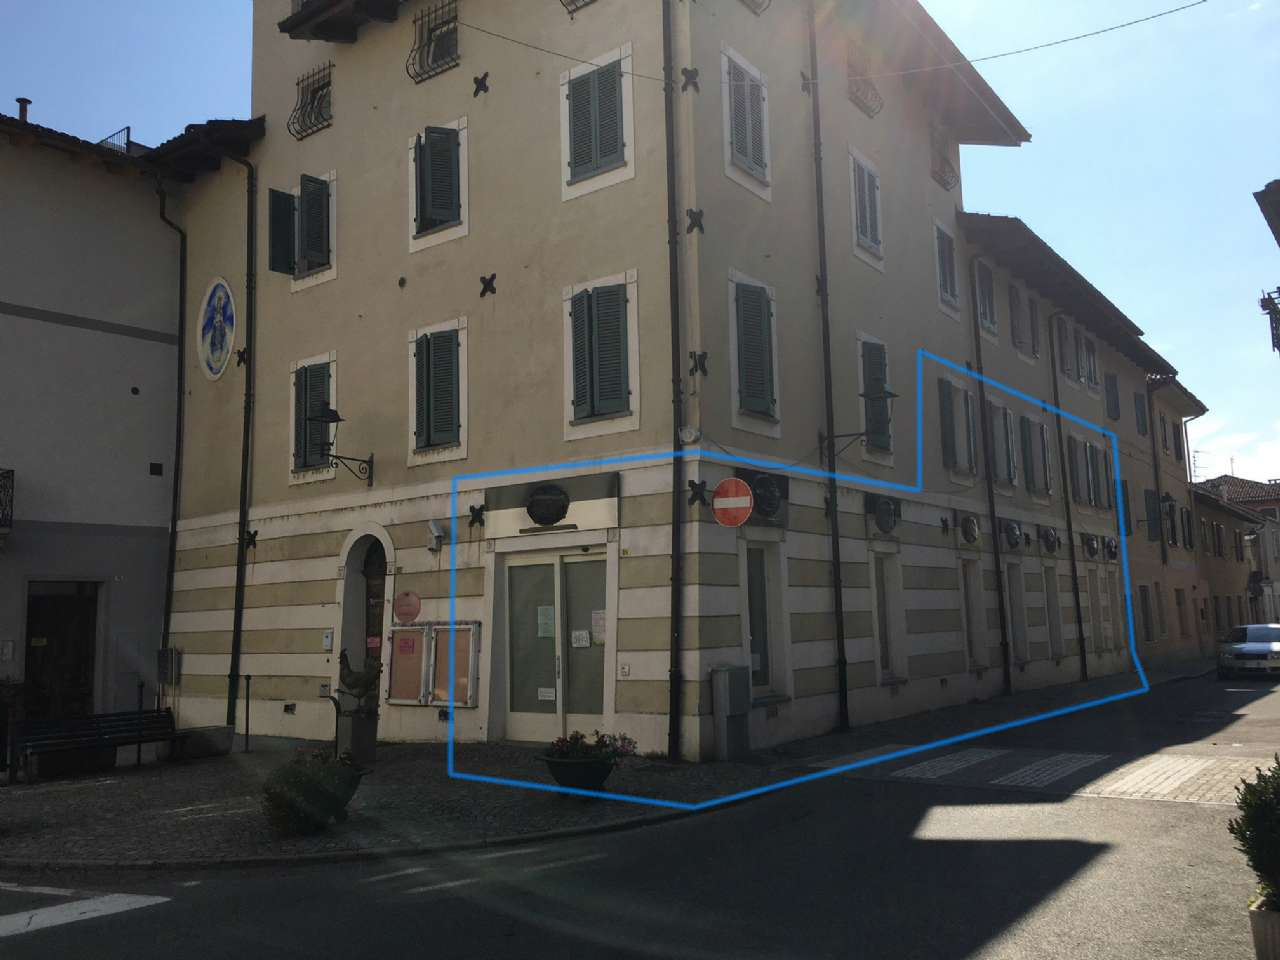 Ufficio / Studio in affitto a Villanova d'Asti, 9999 locali, prezzo € 5.000 | CambioCasa.it